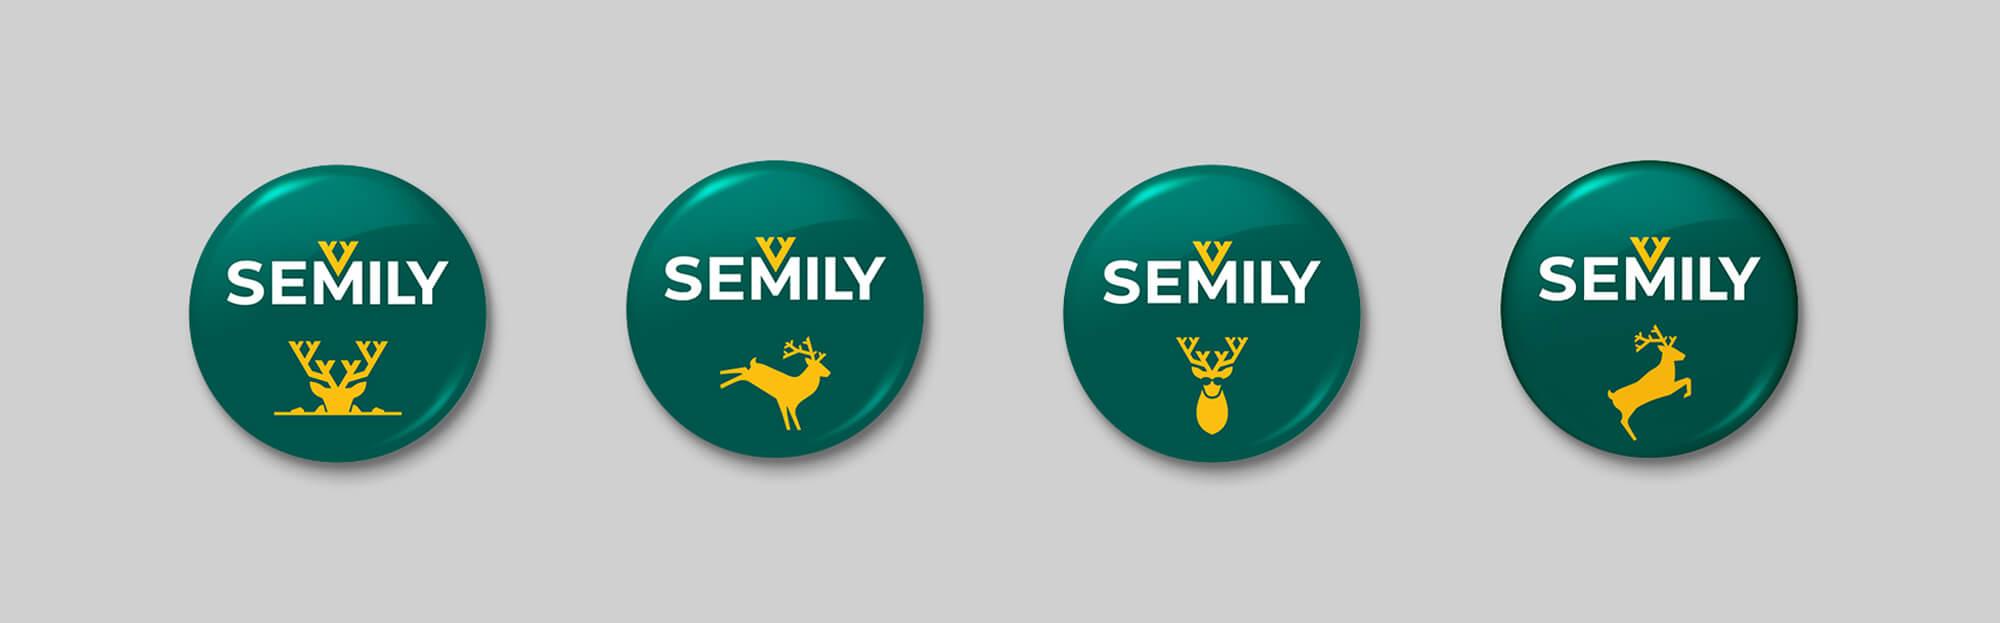 Vizuální styl Semily - merchandise placky